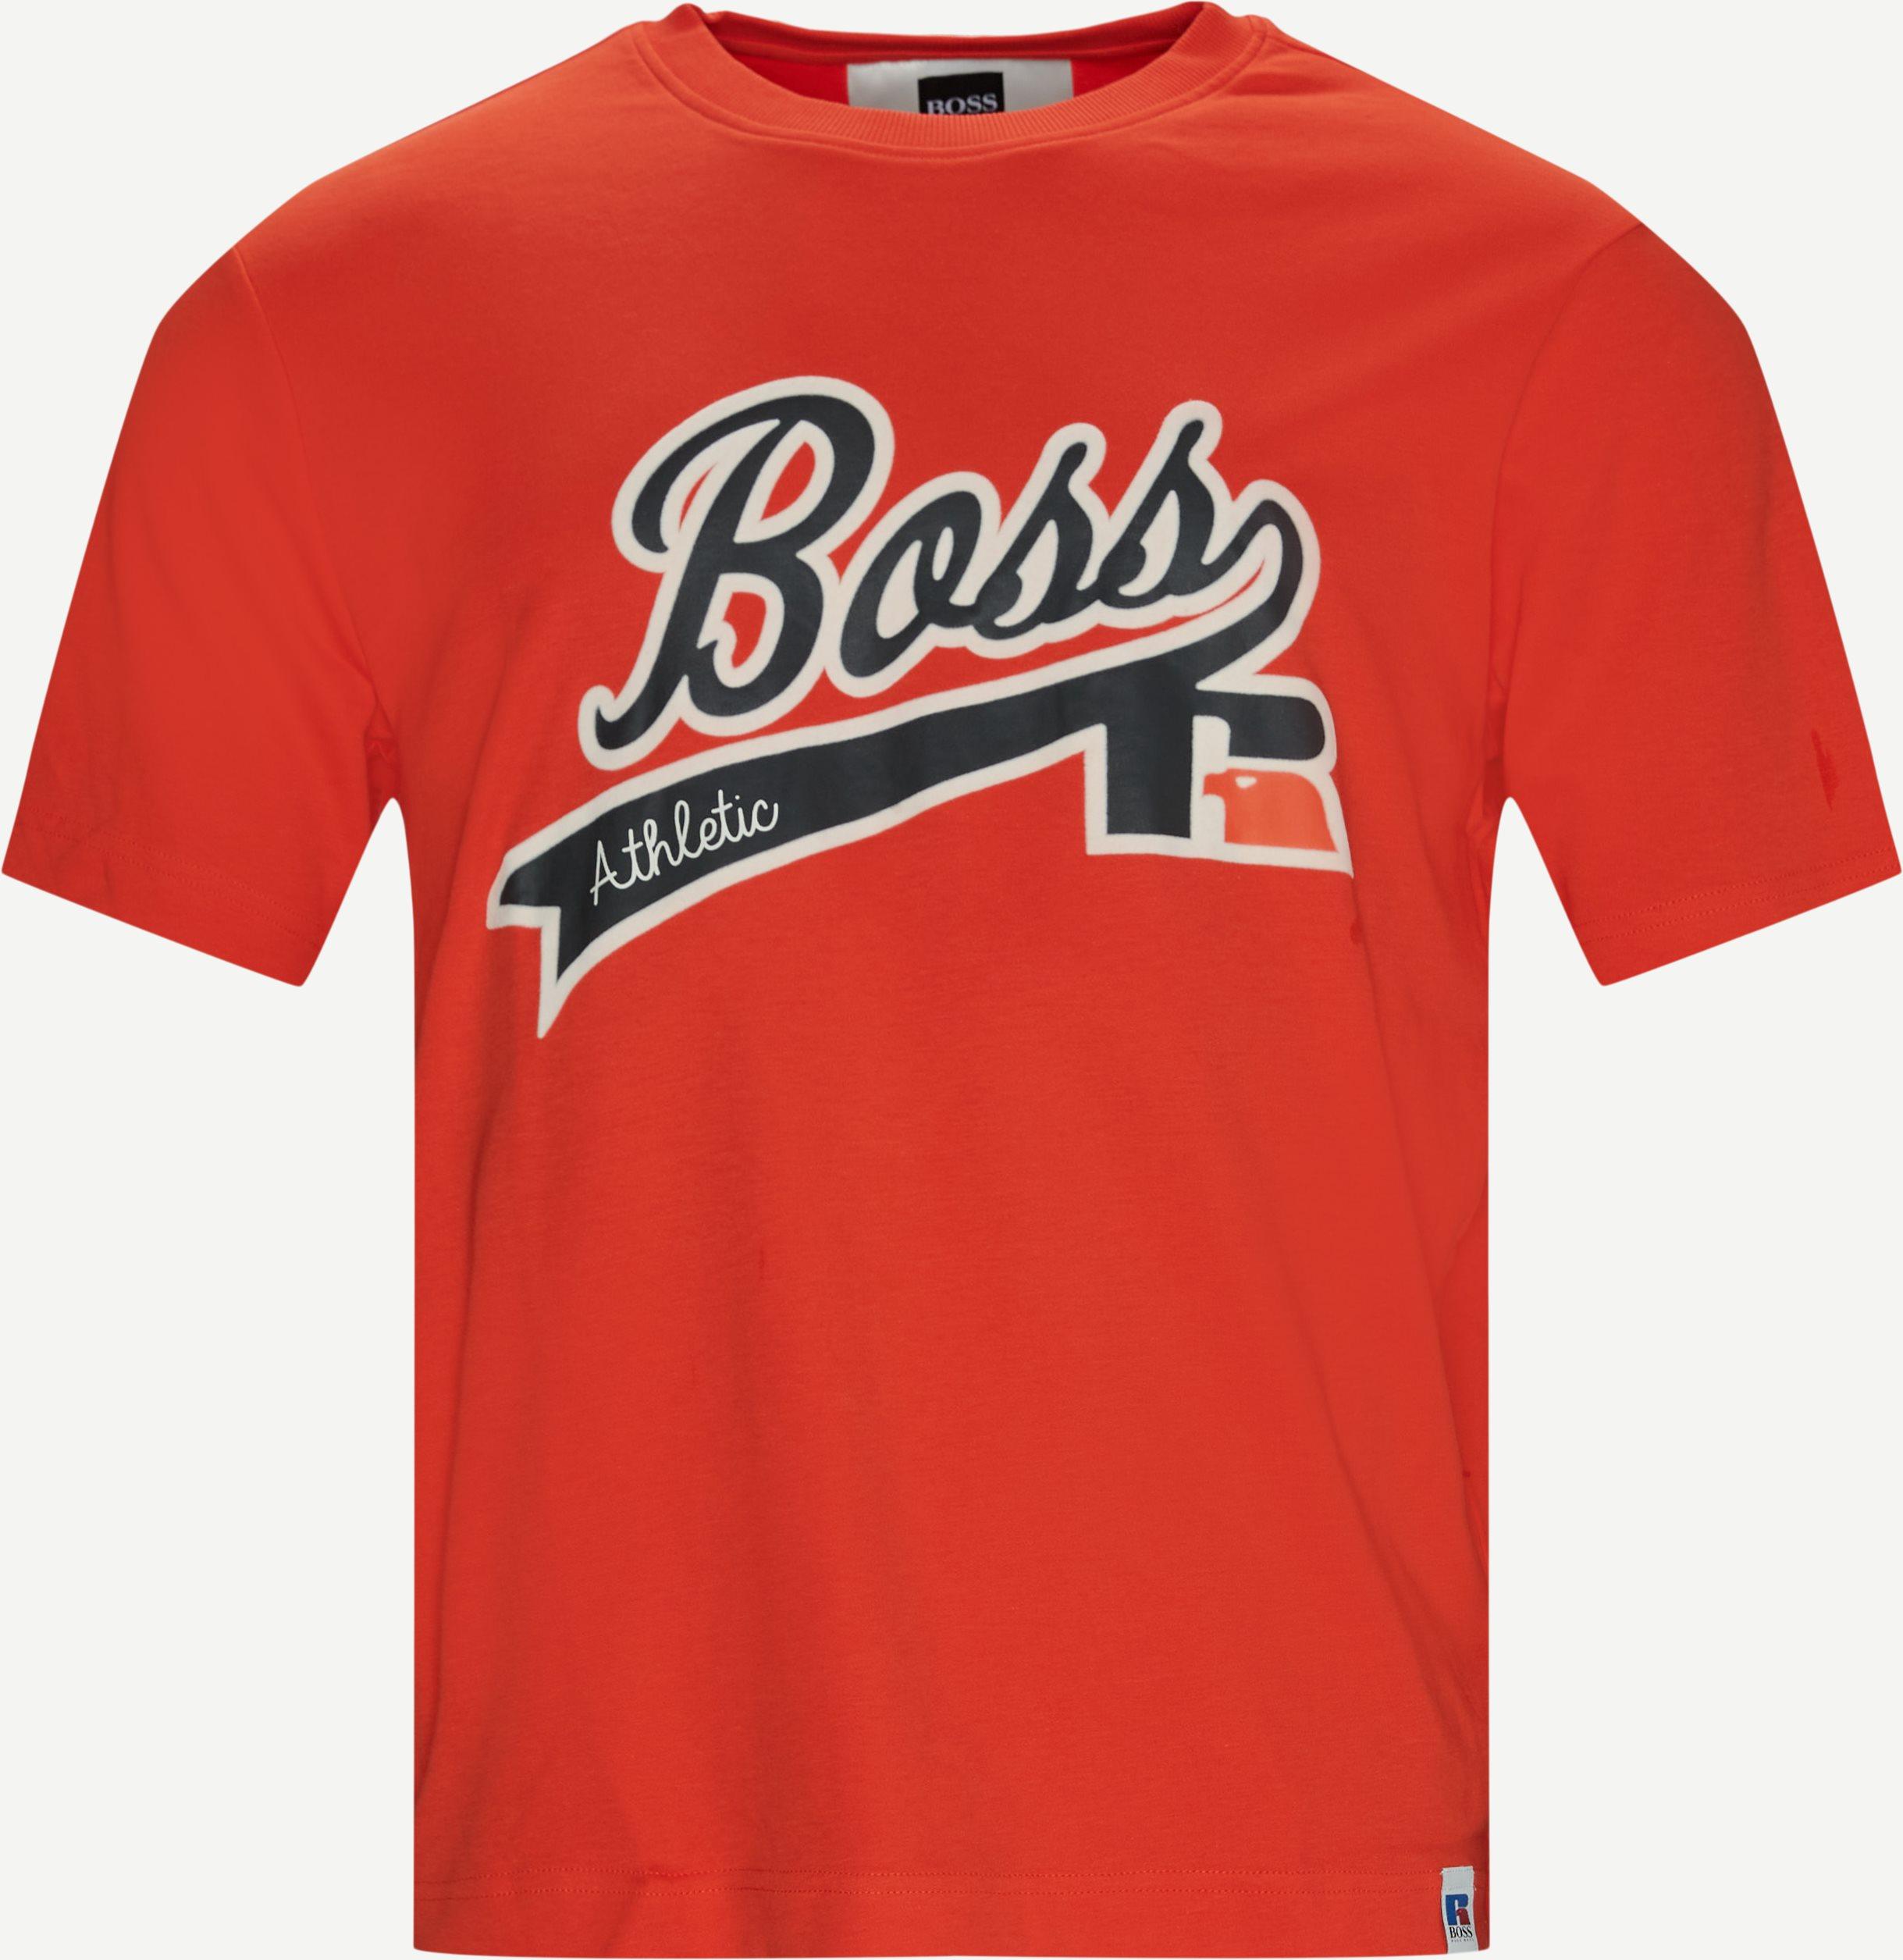 T-shirts - Regular fit - Orange